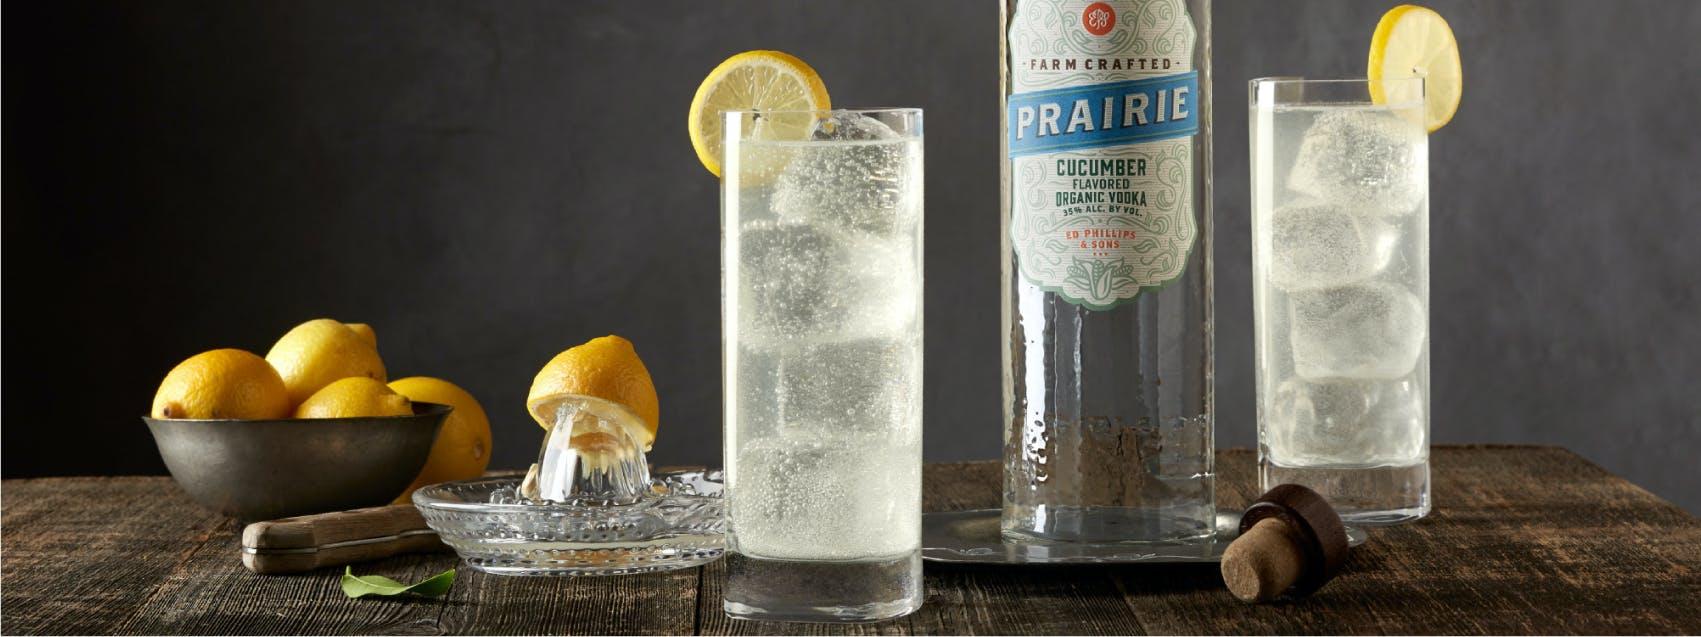 Prairie Cool Cucumber